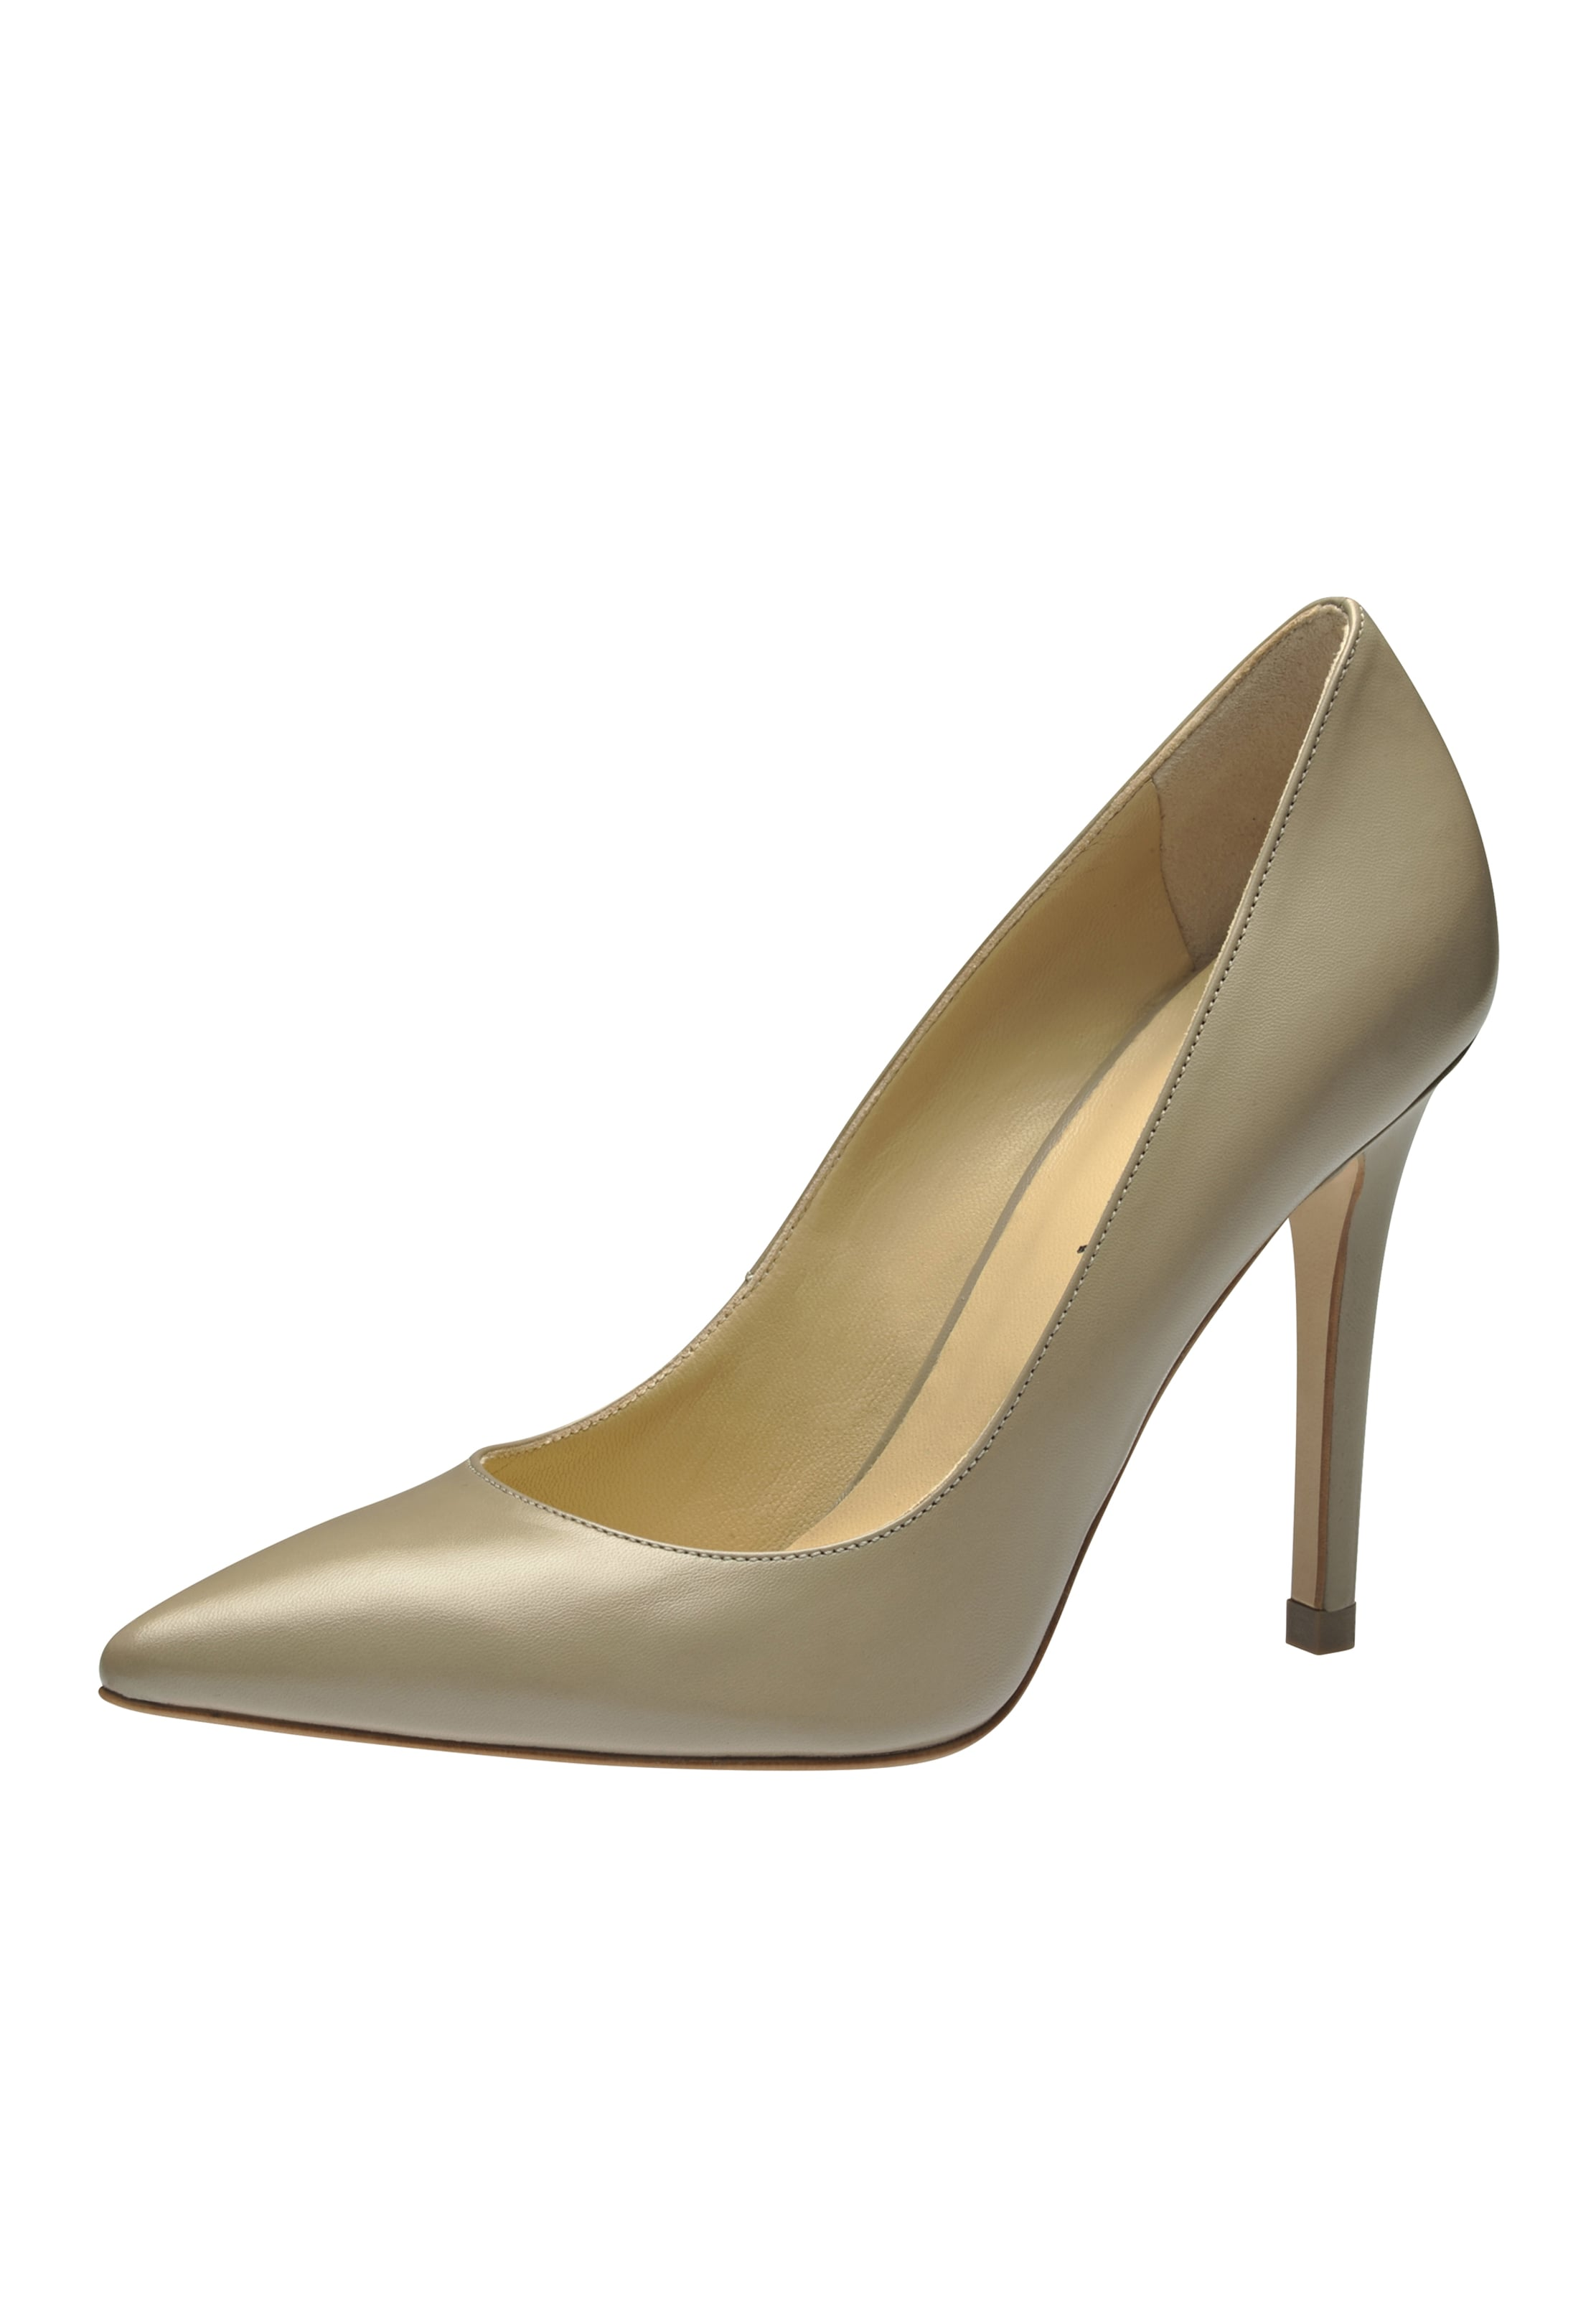 EVITA Pumps Damen Pumps EVITA Verschleißfeste billige Schuhe 5a4518